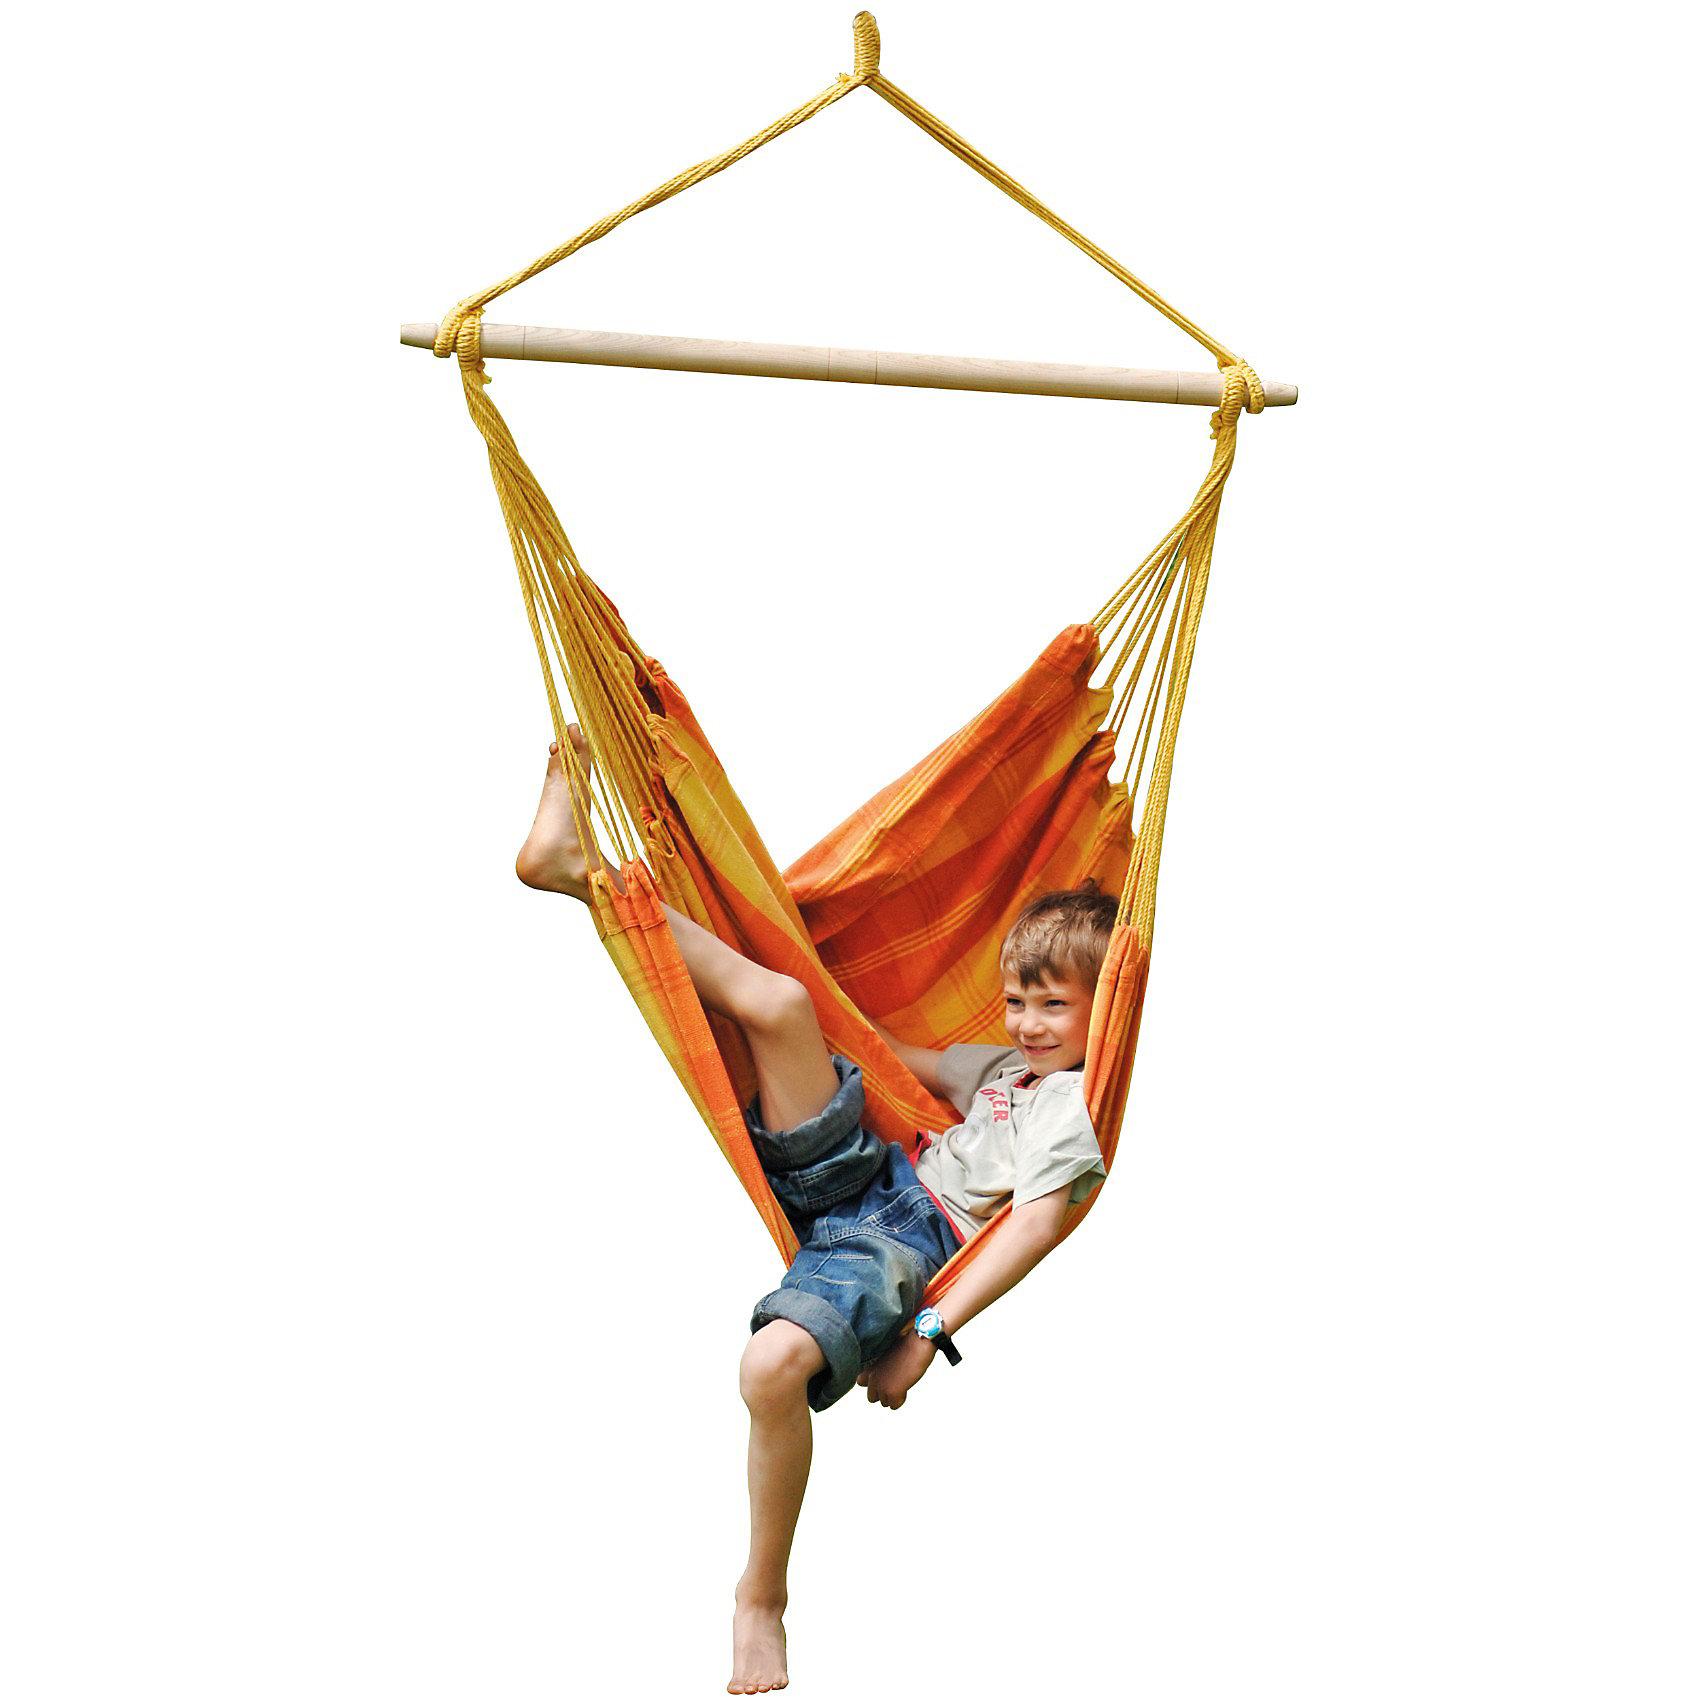 Neu Neu Neu Amazonas Hängesessel Relax VULCANO 6071446 Orange   Qualität und Verbraucher an erster Stelle    Ausgezeichneter Wert  d79dd2